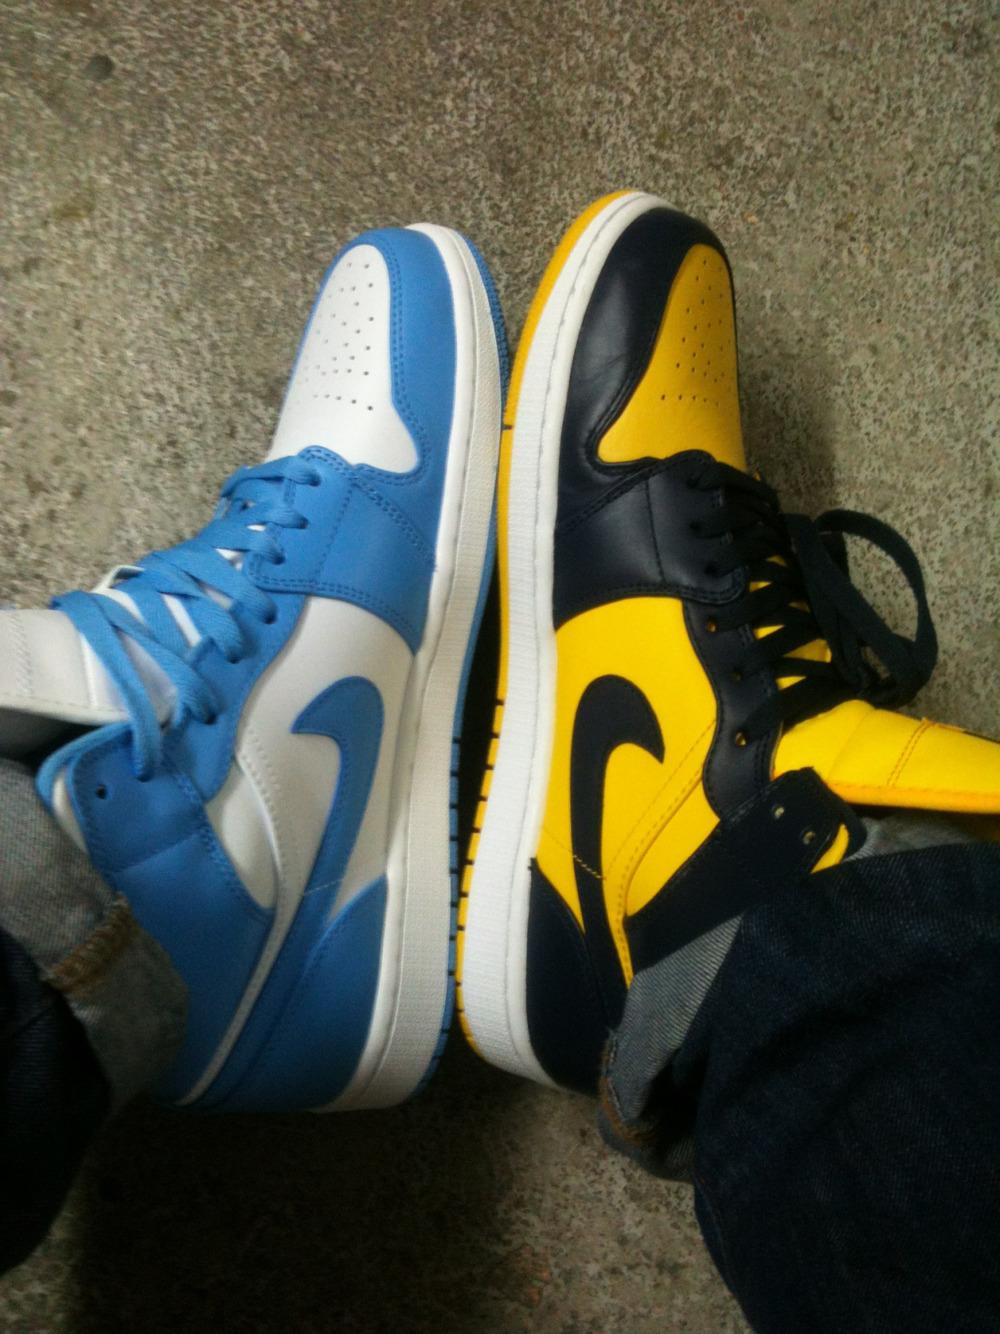 It's new shoe Thursday for Neil